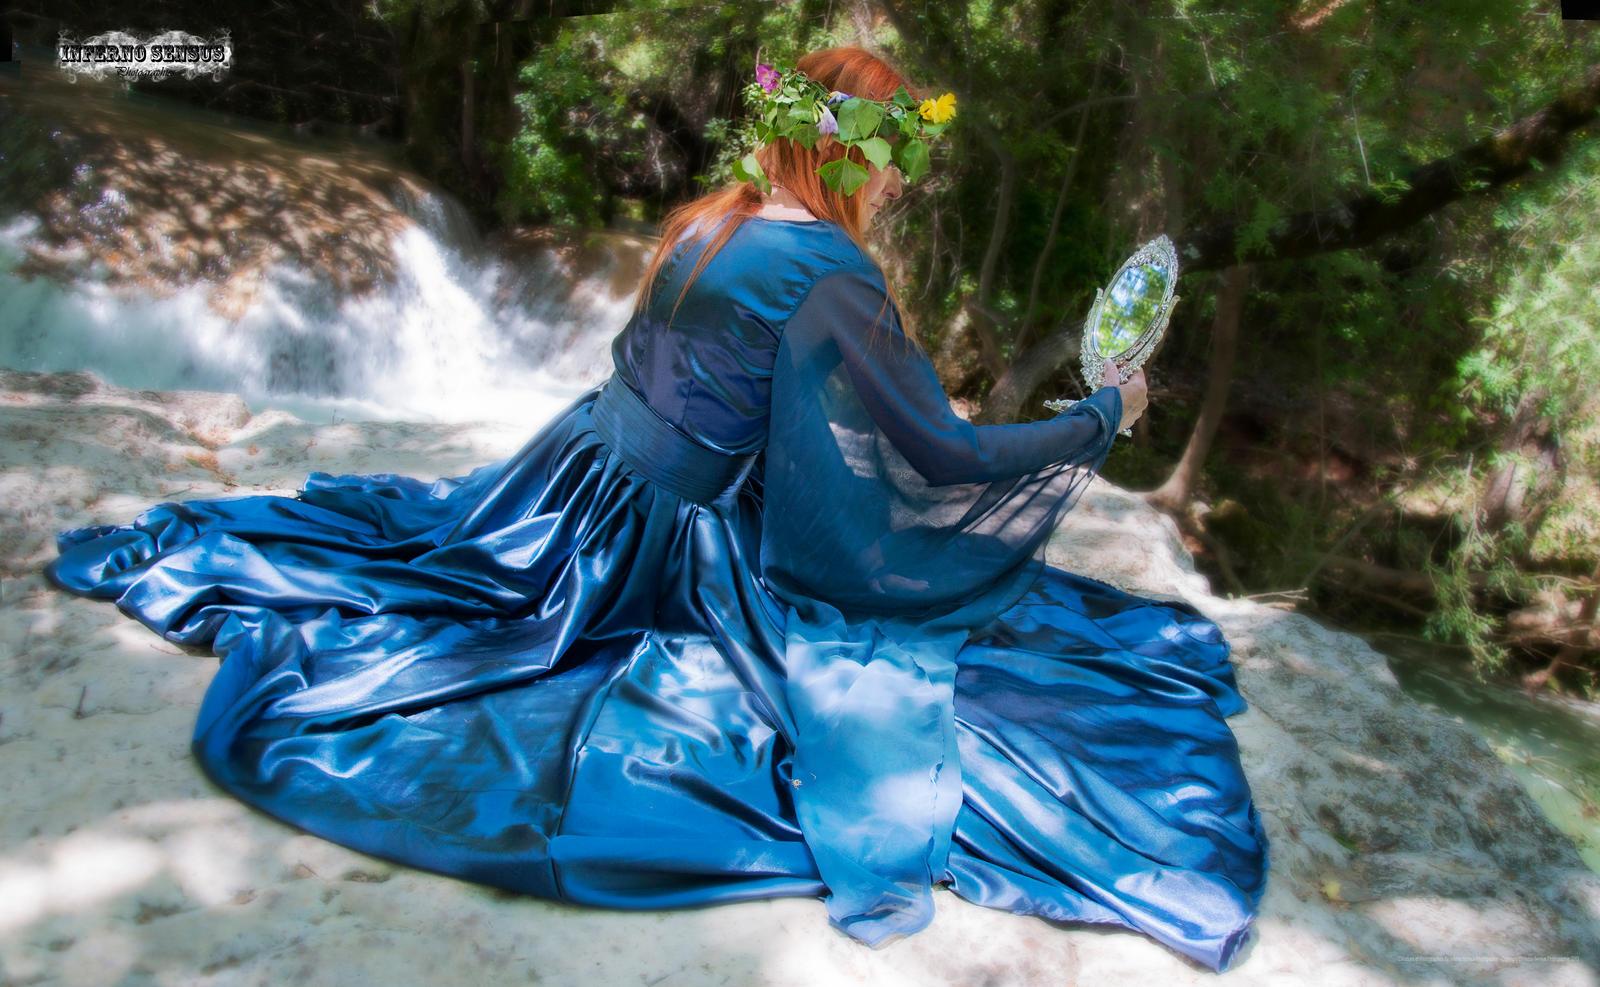 Reves Elfiques-Elven dreams 23 by inferno-sensus